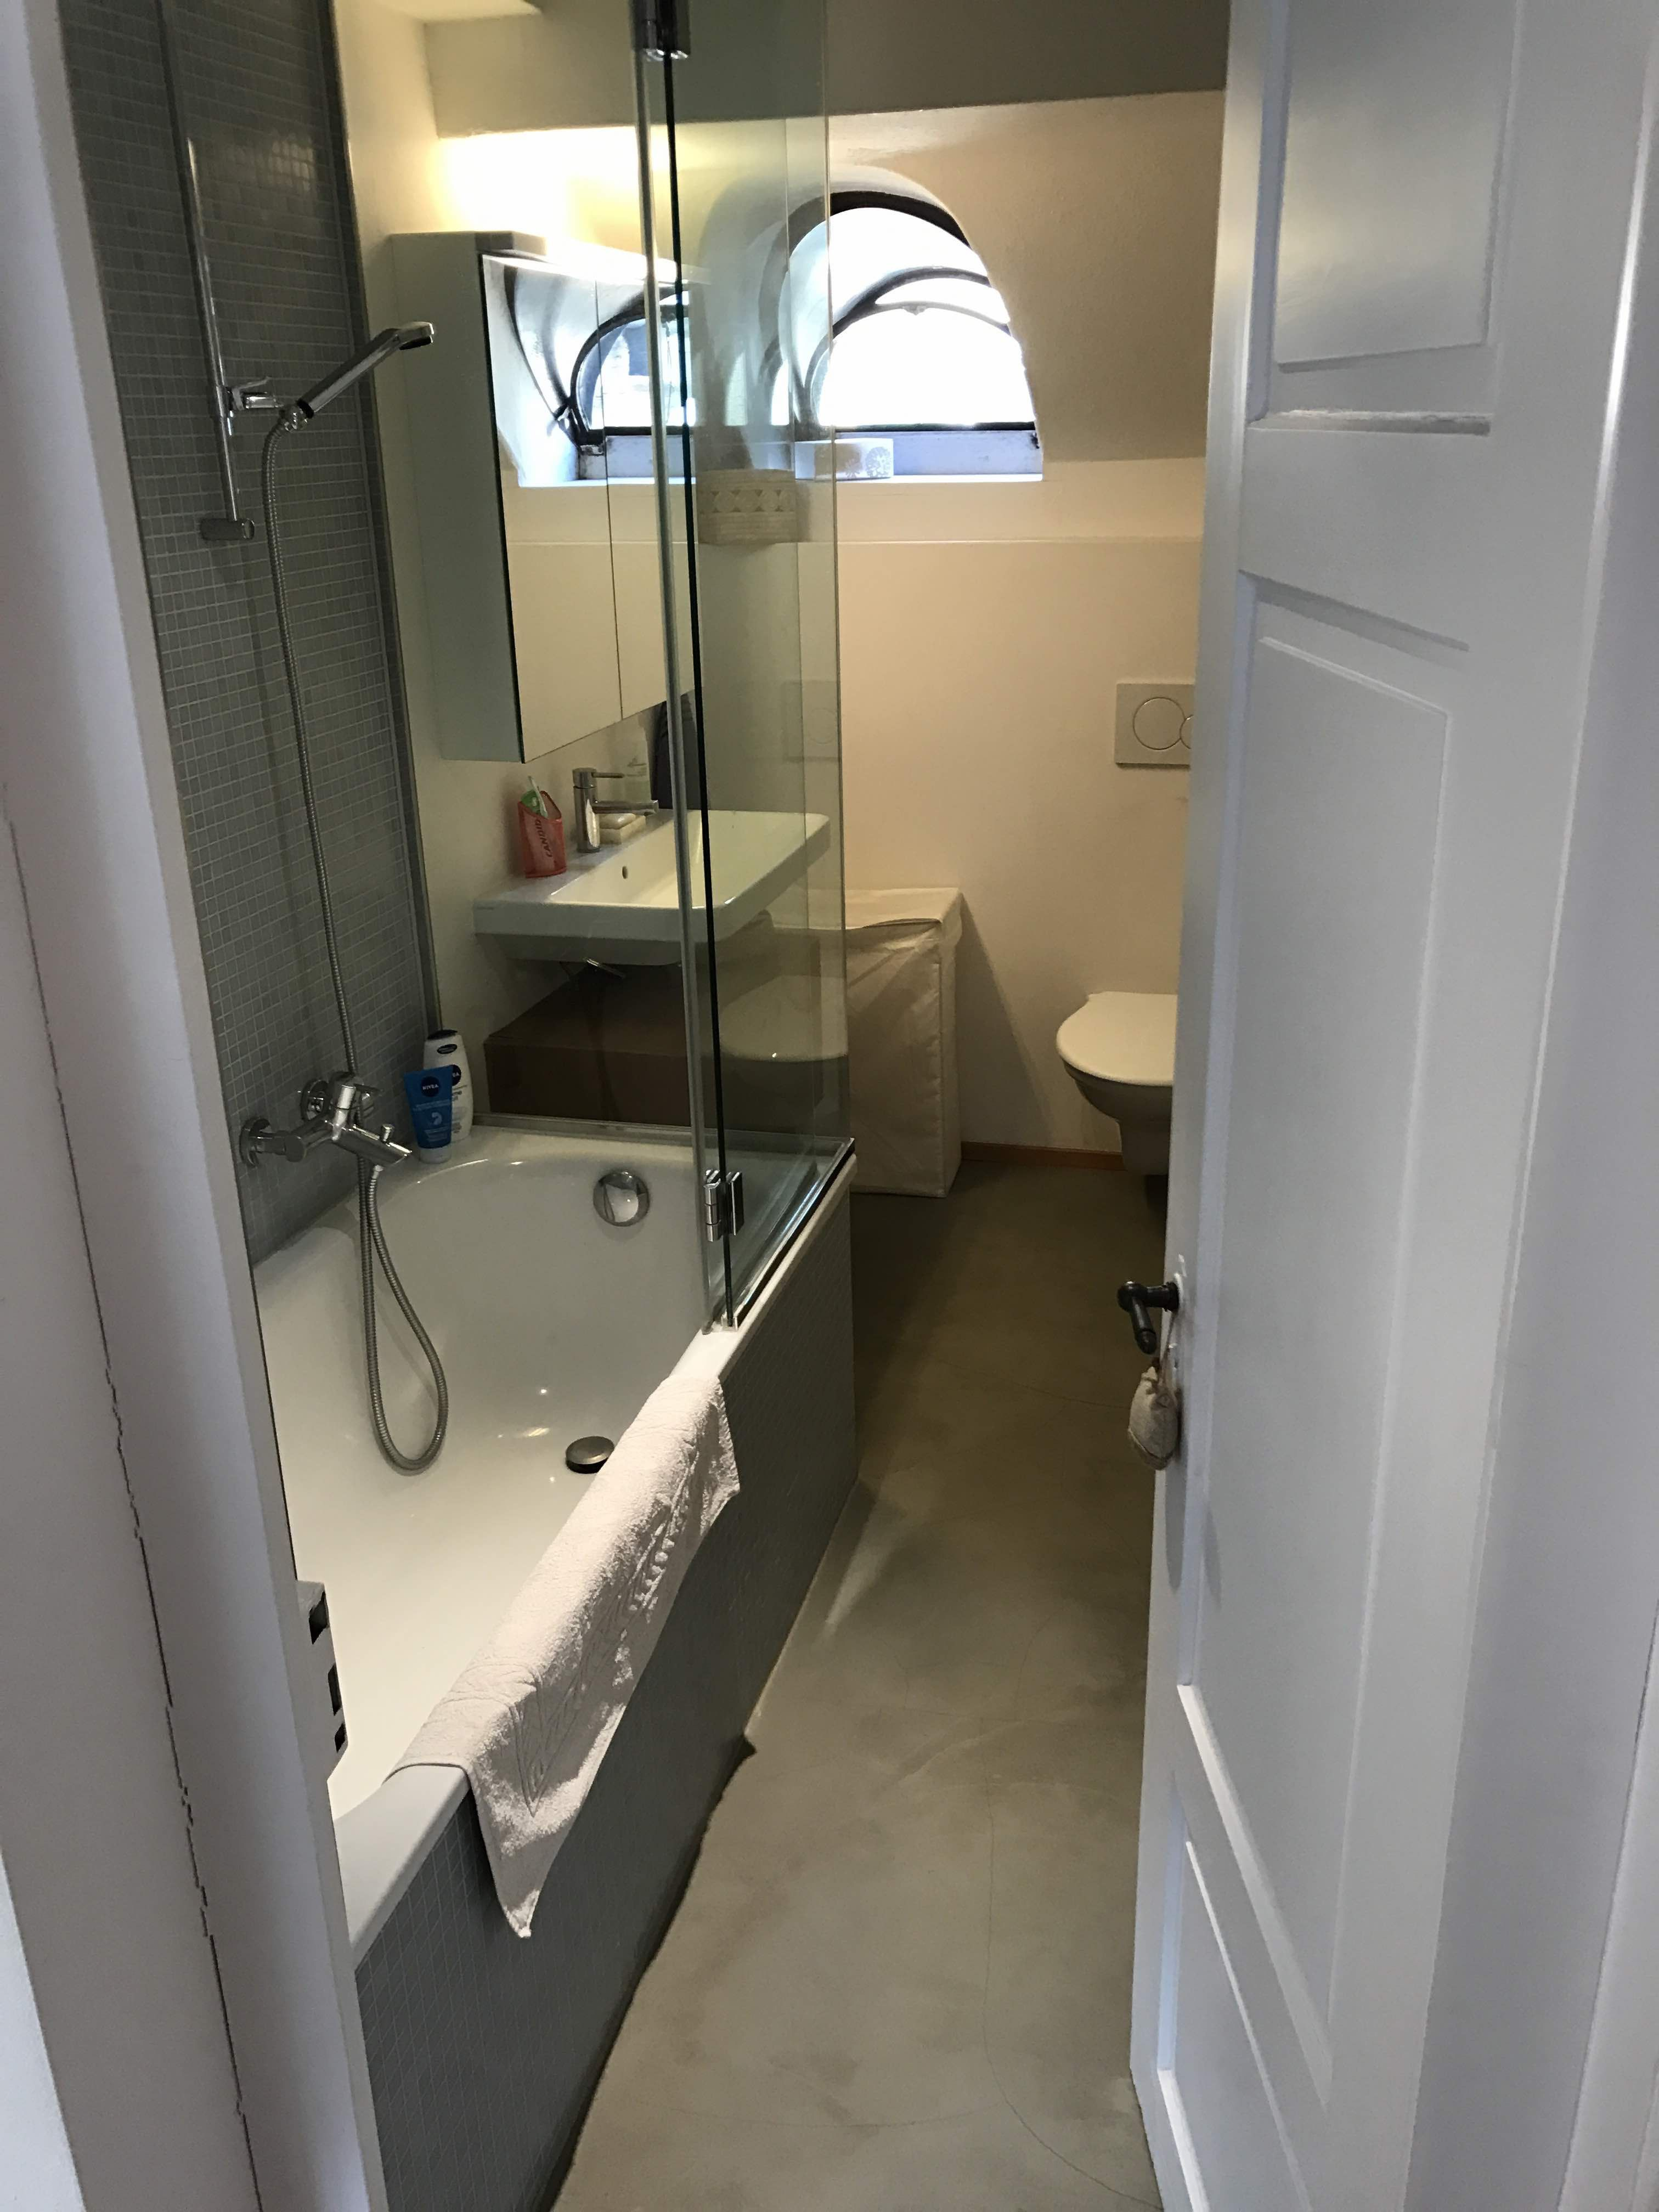 Modernes Bad Mit Badewanne Und Dusche Wc Und Catalano Keramik Eichenholz Und Als Kontrast Ein Gussboden Bathtub Bathroom